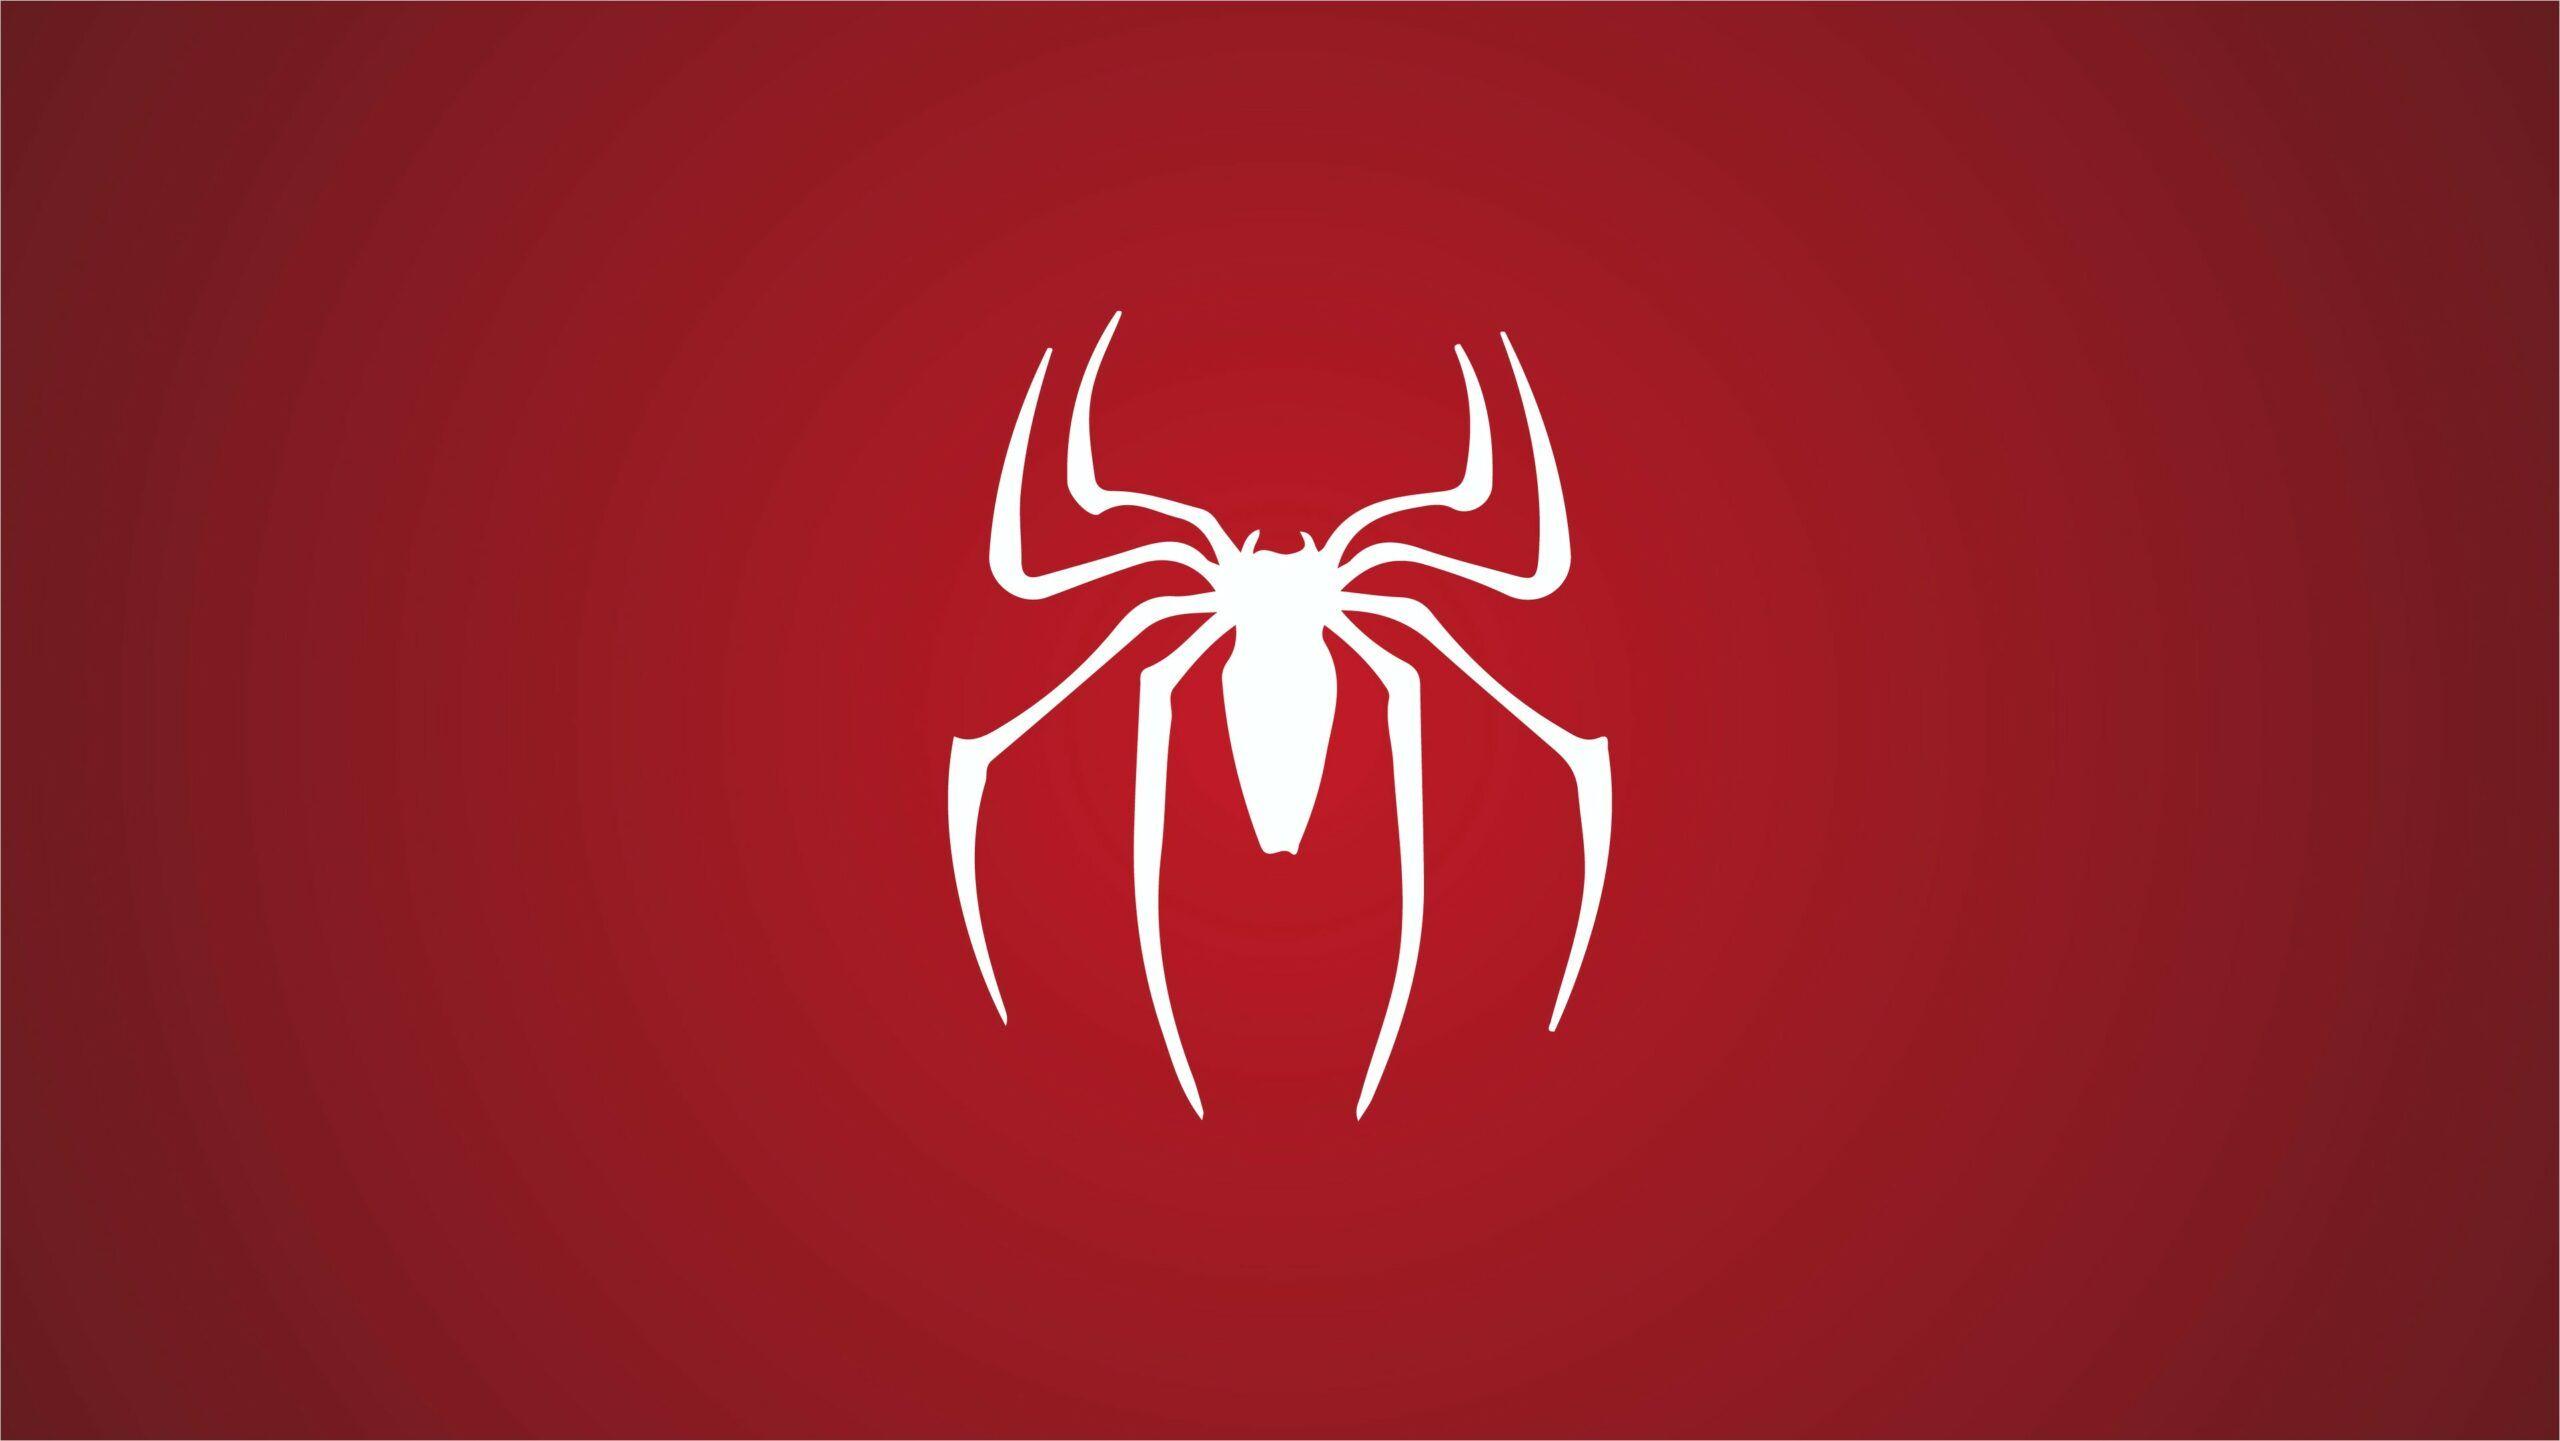 Spiderman Logo Wallpaper 4k In 2020 Spiderman Wallpaper Logos